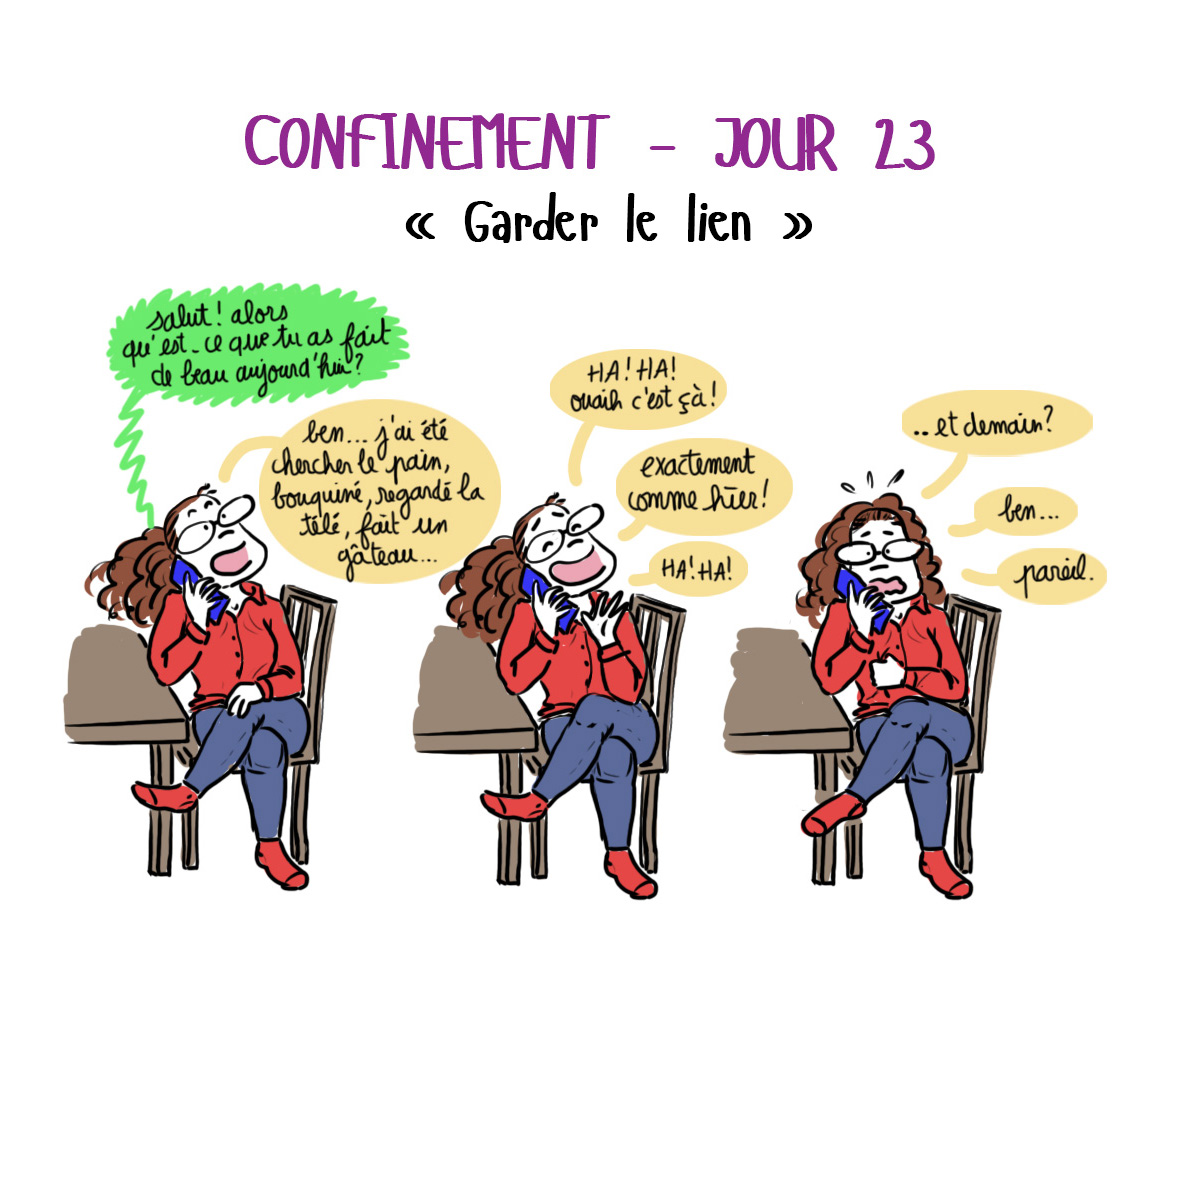 Journal de confinement - jour 23